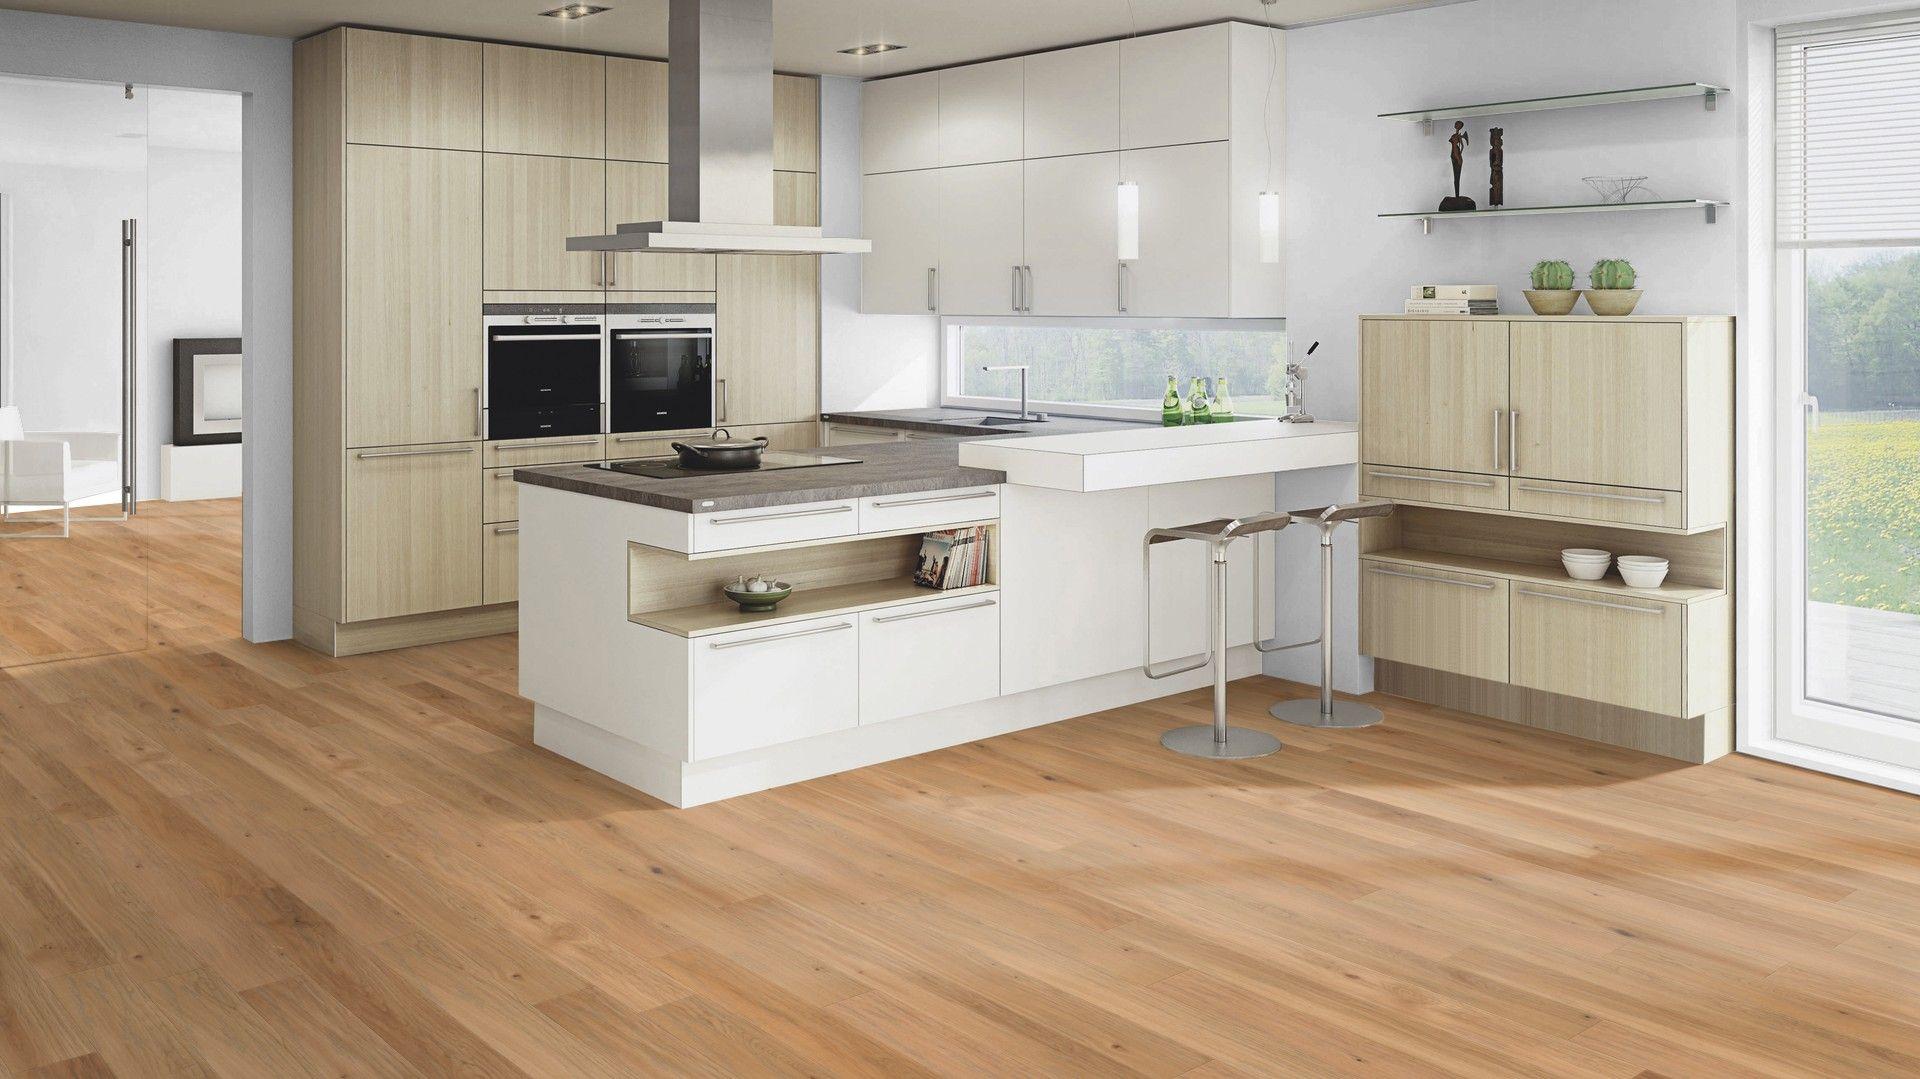 Design ilot de cuisine fabrication 32 ilot central ikea dimensions ilot - Fabrication ilot central ...